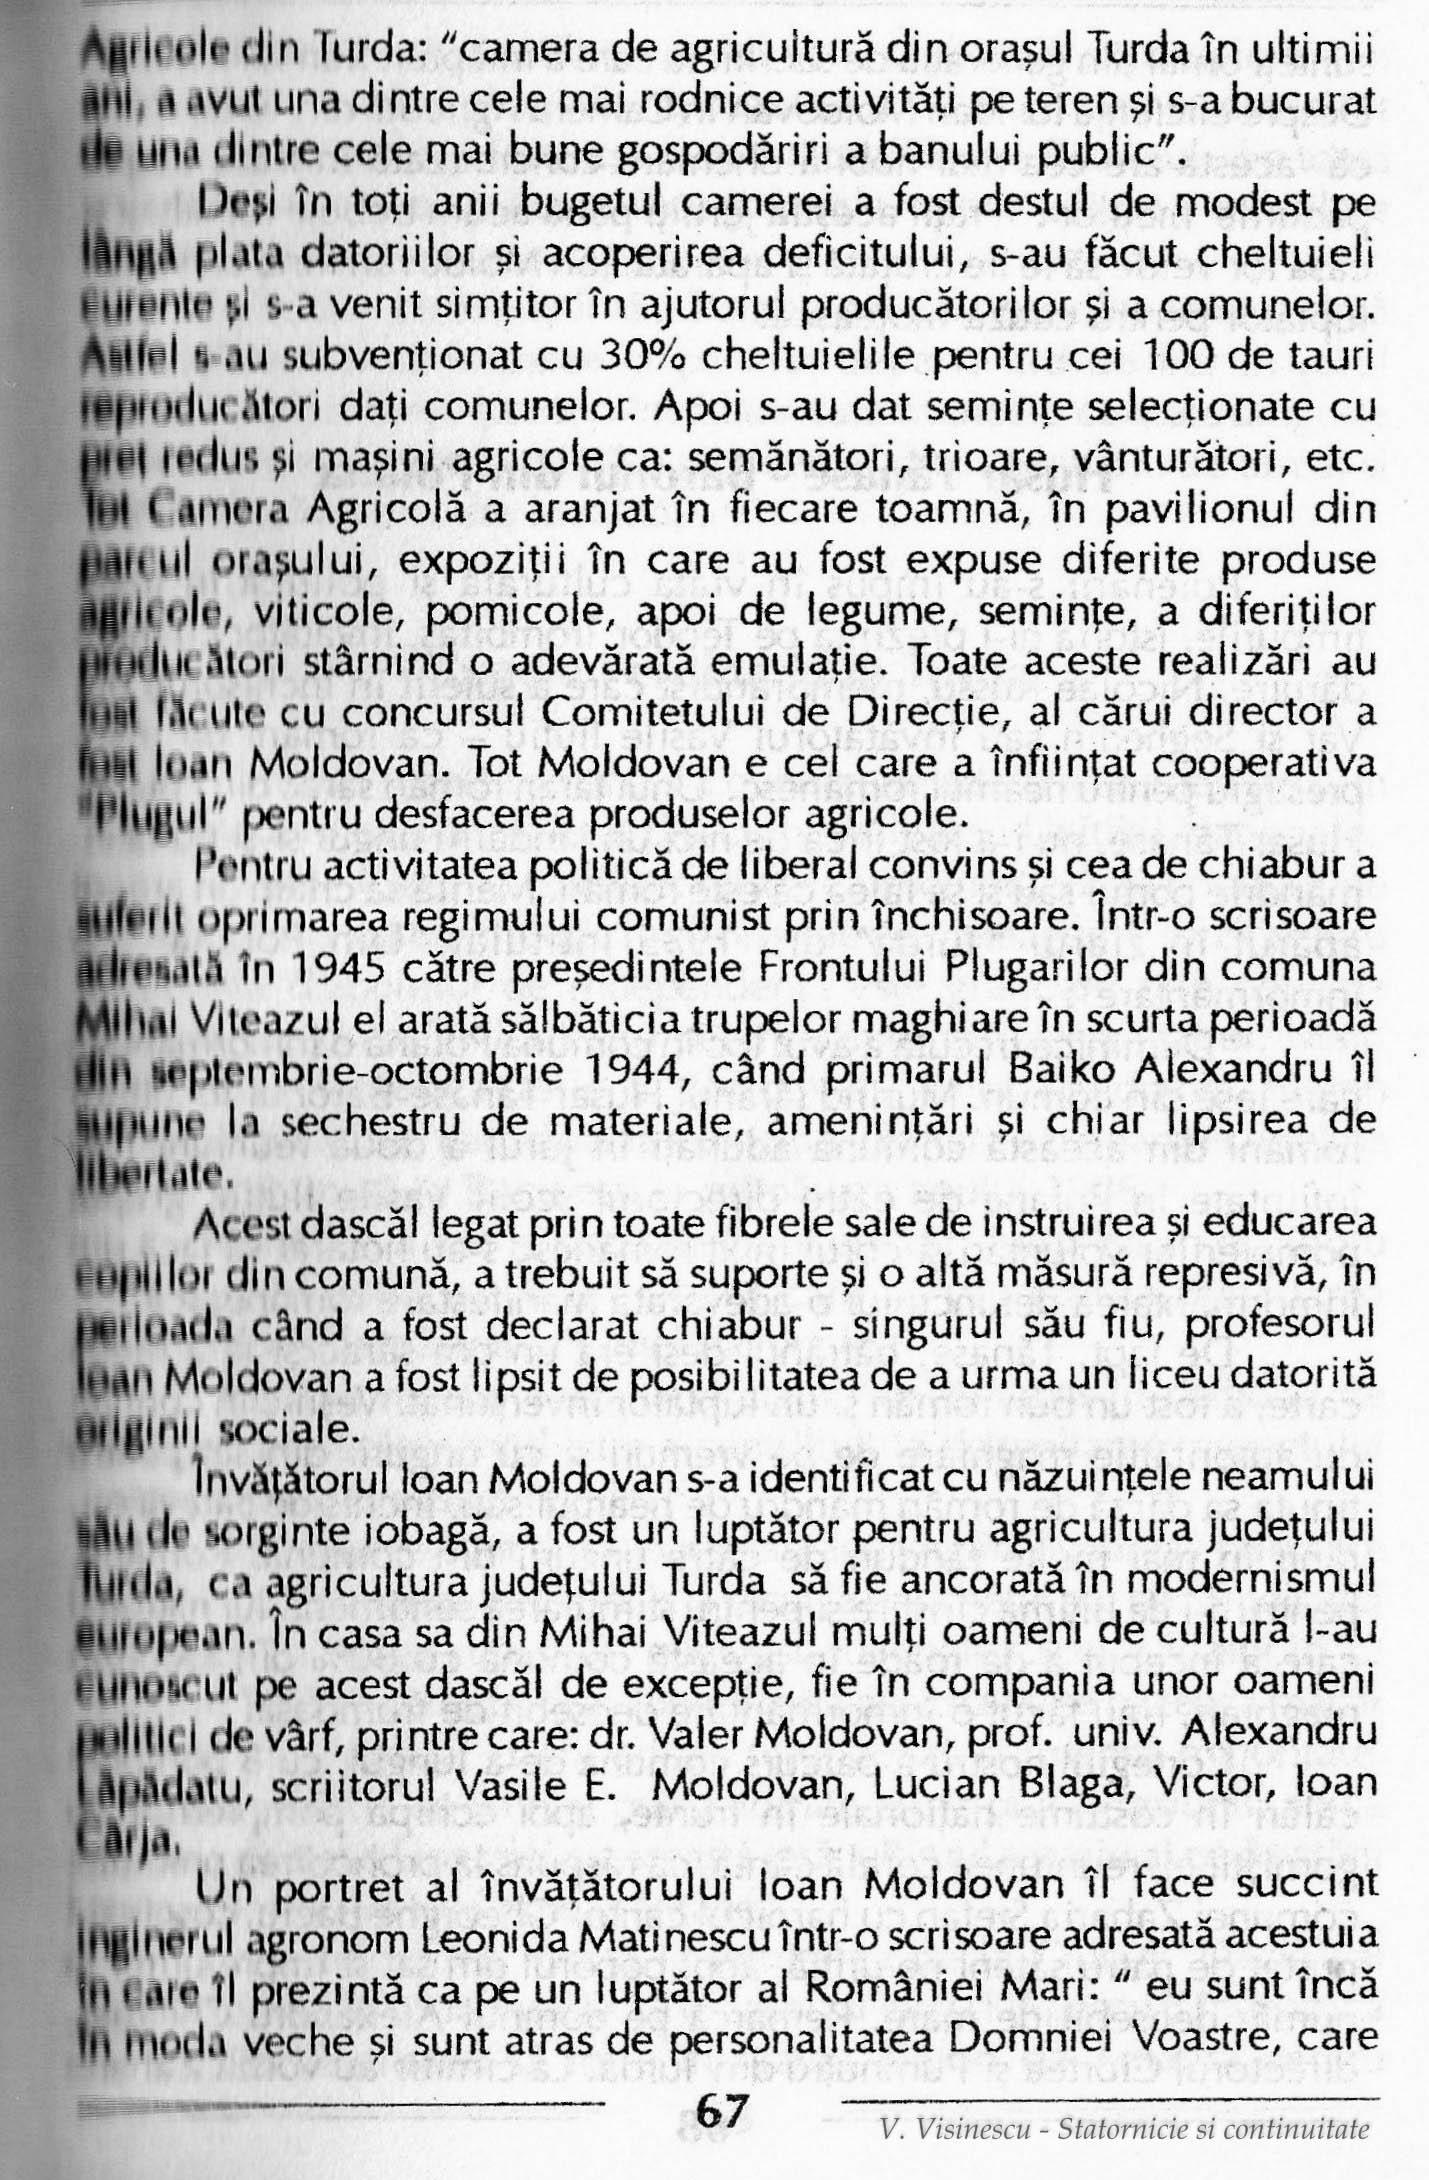 """Photo: 67 - Ioan Moldovan - A infiintat cooperativa """"Plugul"""" pentru desfacerea produselor agricole. Pentru activitatea politica de liberal si cea de chiabur a suferit oprimarea regimului comunist prin inchisoare."""